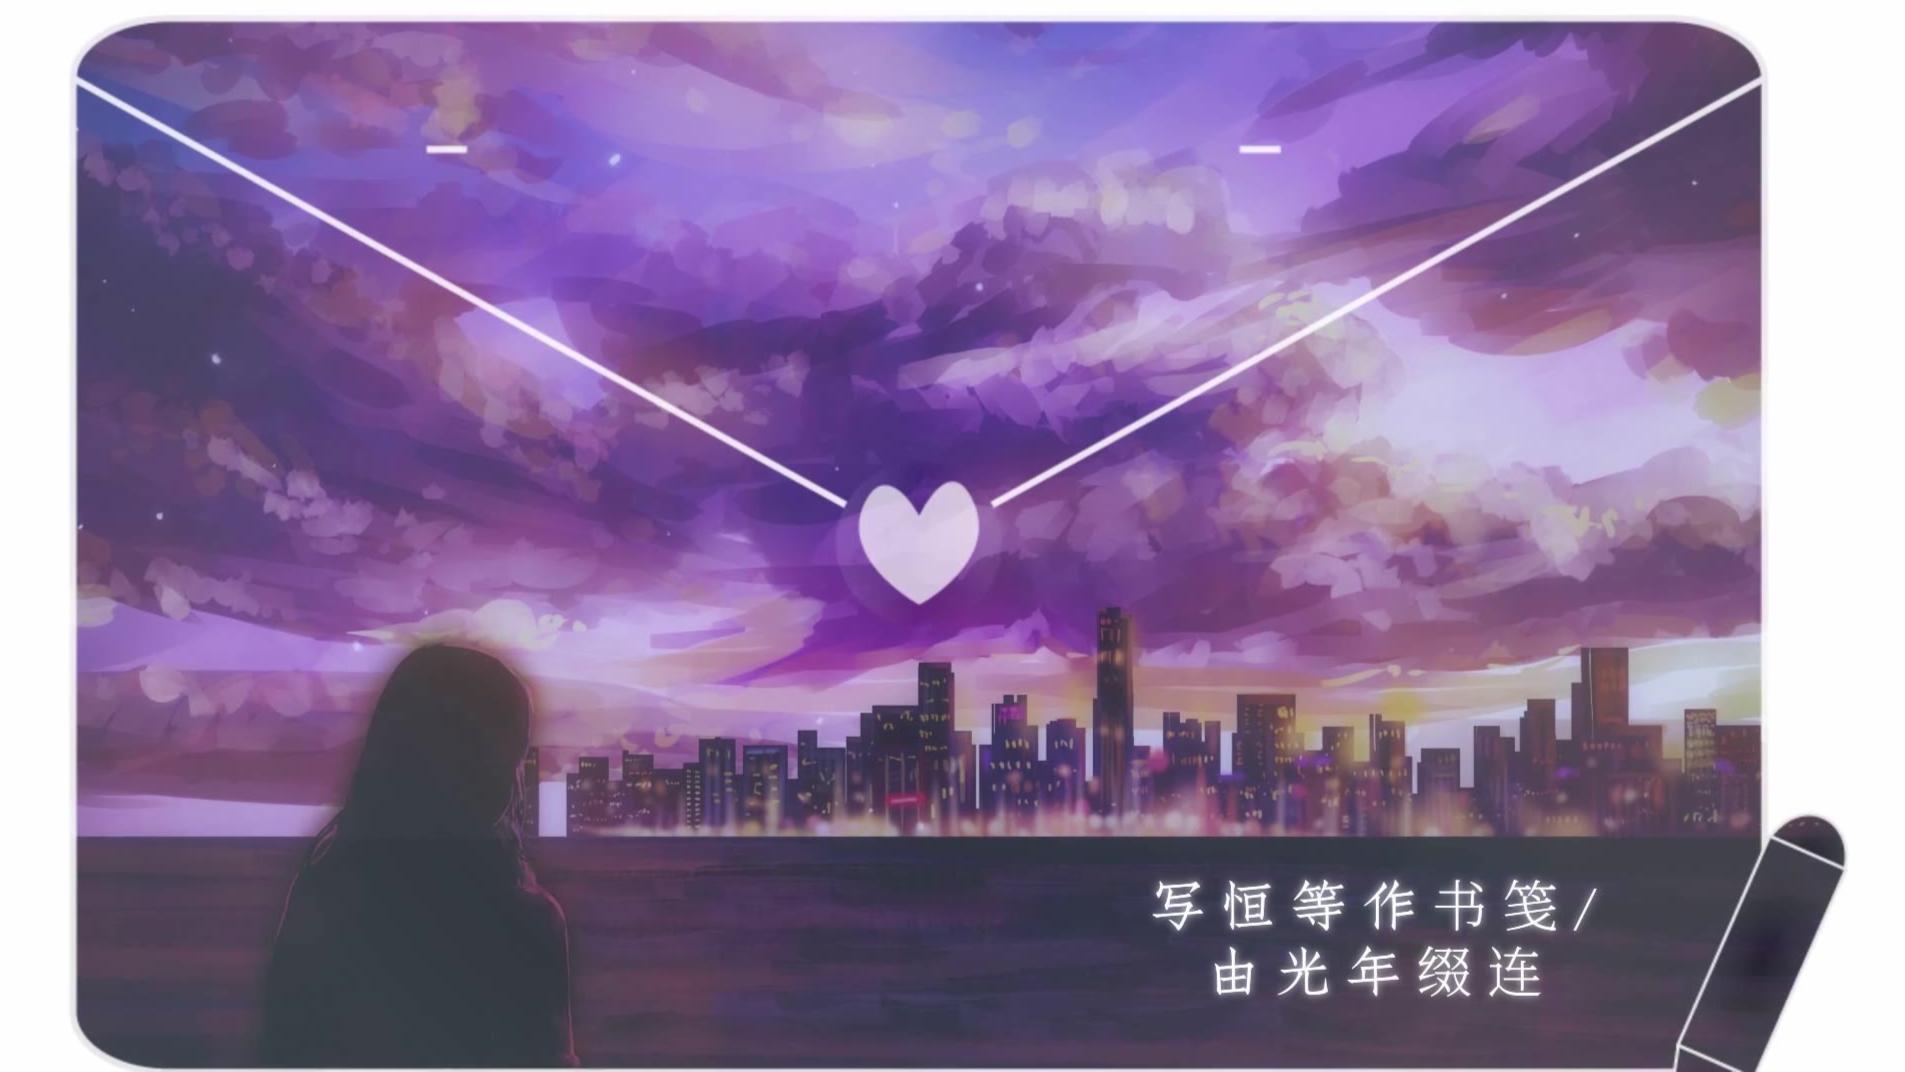 【阿梨&裂天】爱在时间之前——记万物理论